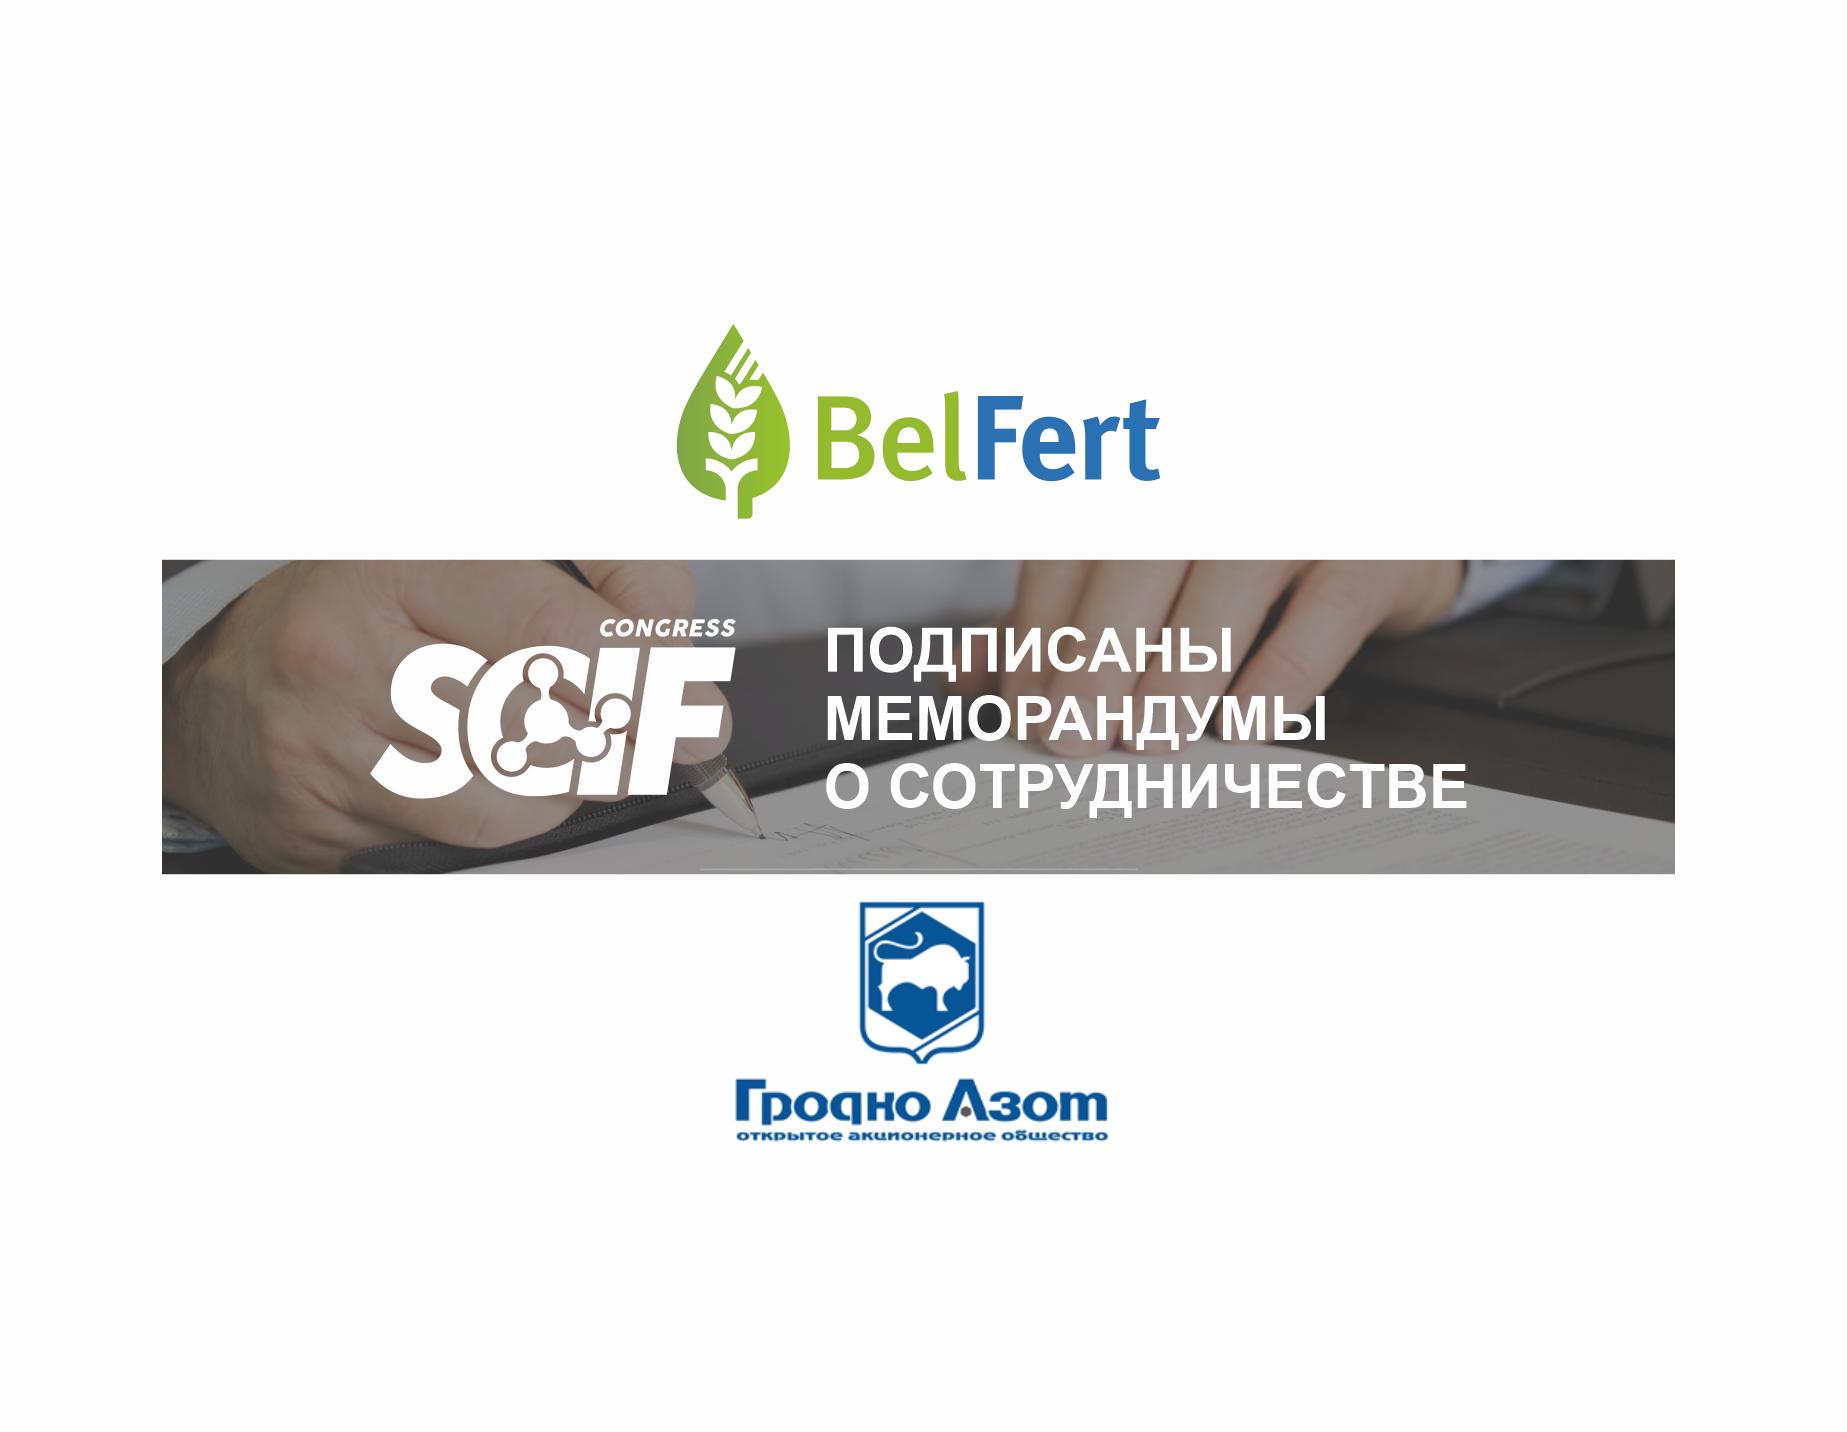 Подписаны МЕМОРАНДУМЫ о сотрудничестве с белорусскими предприятиями